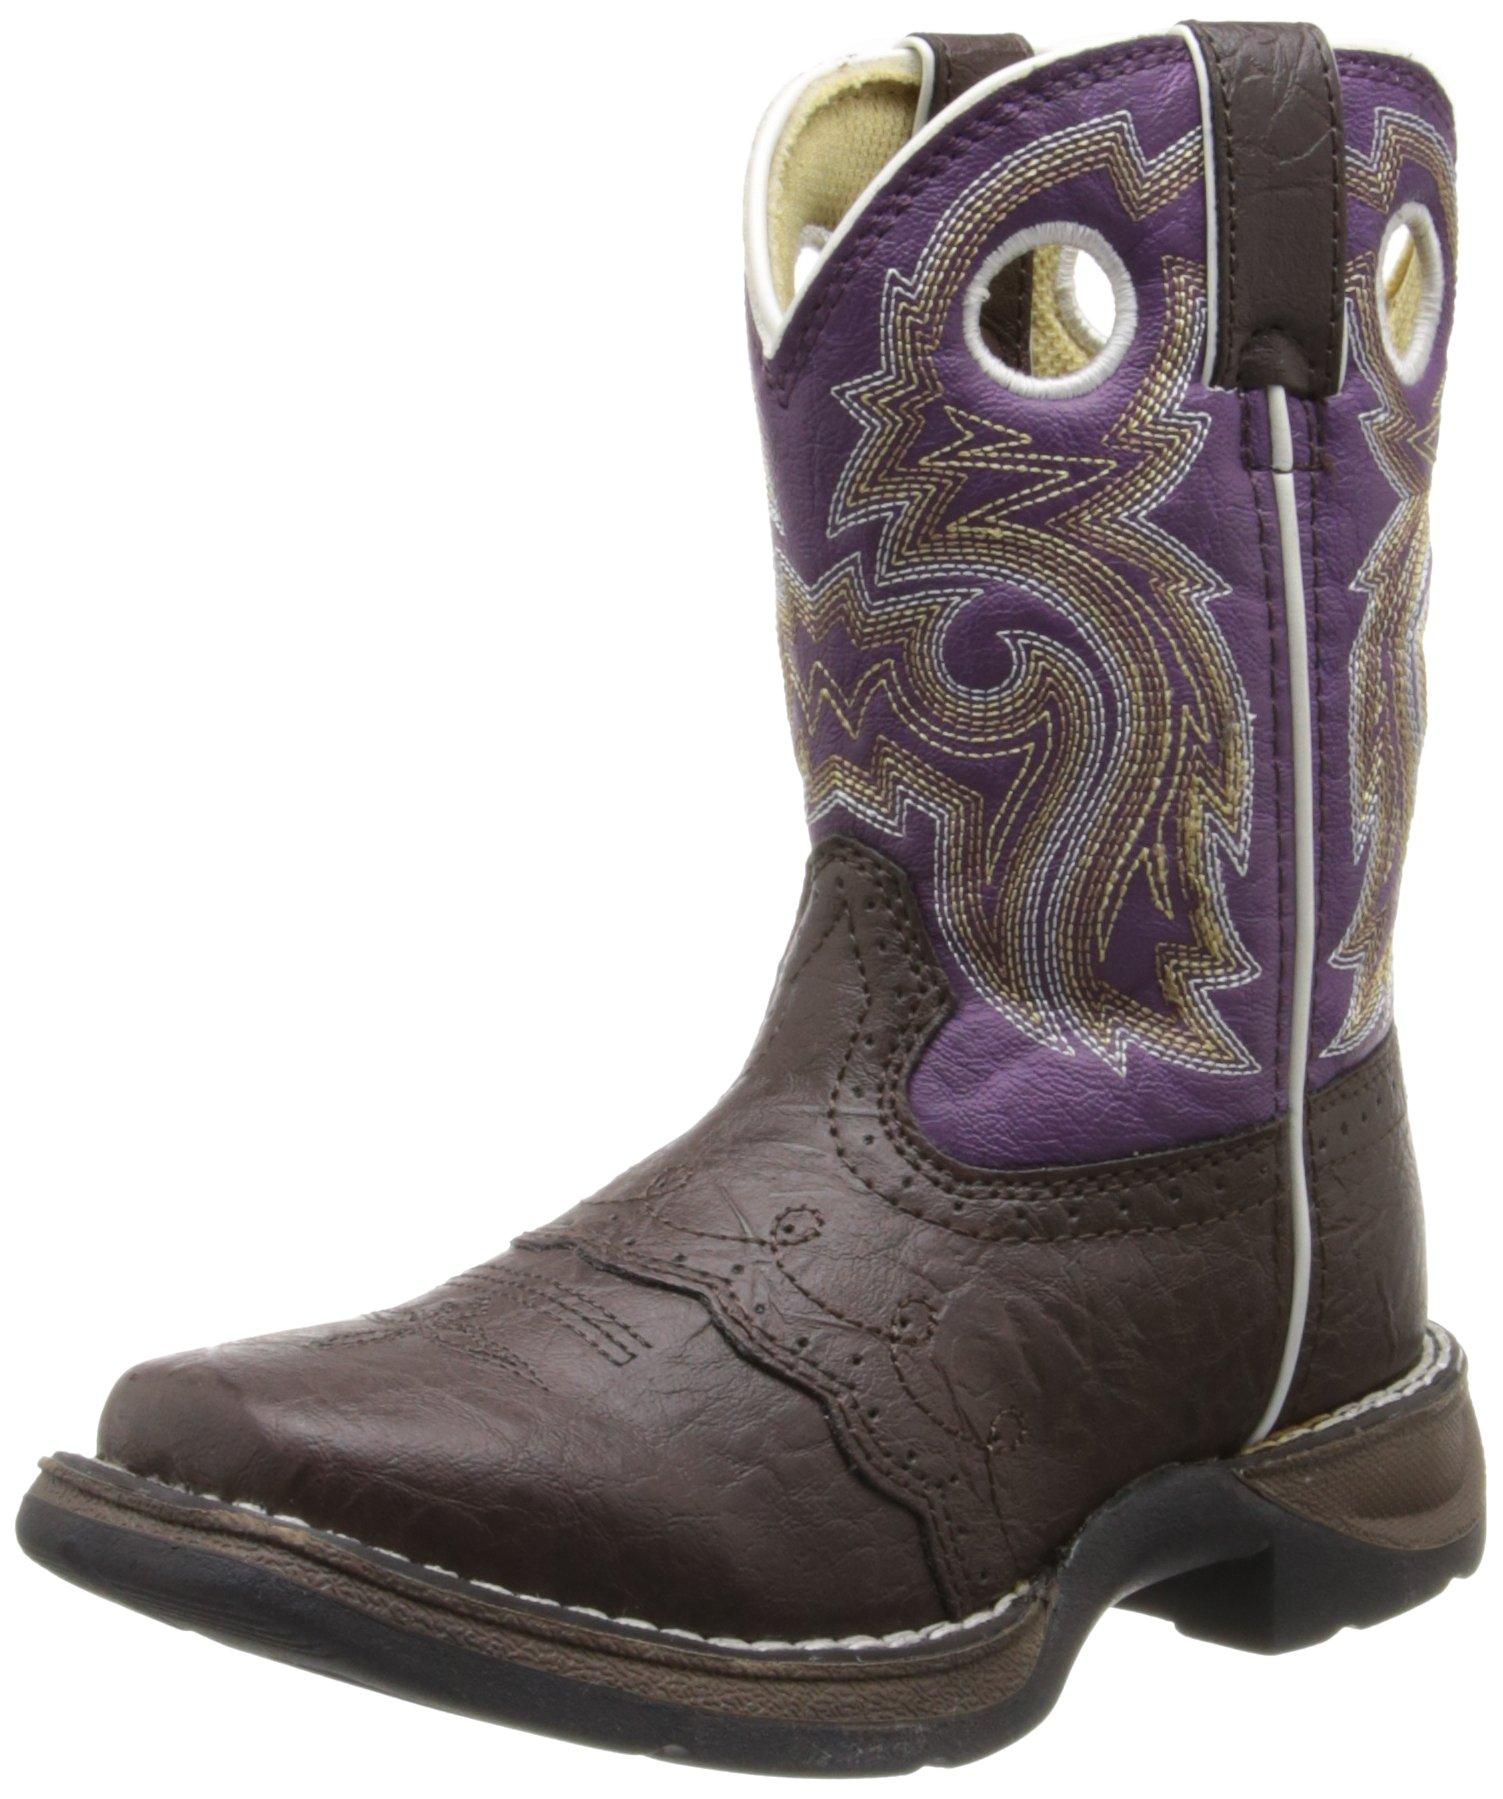 Durango Kids BT286 Lil' 8 Inch Saddle,Dark Brown/Purple,11M Little Kid